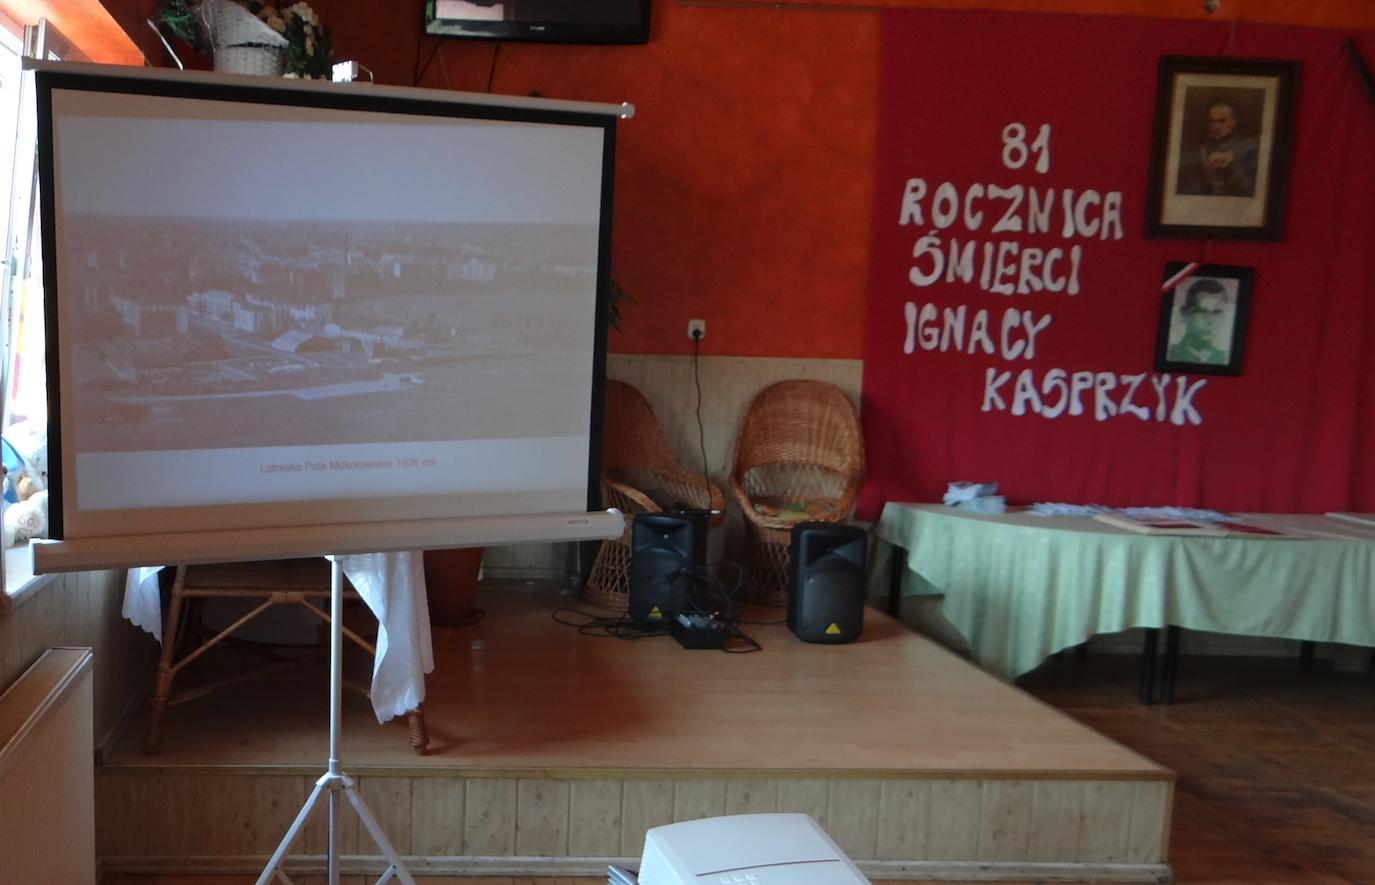 Prelekcja w Domu Kultury. Płoki 2019 rok. Zdjęcie Karol Placha Hetman